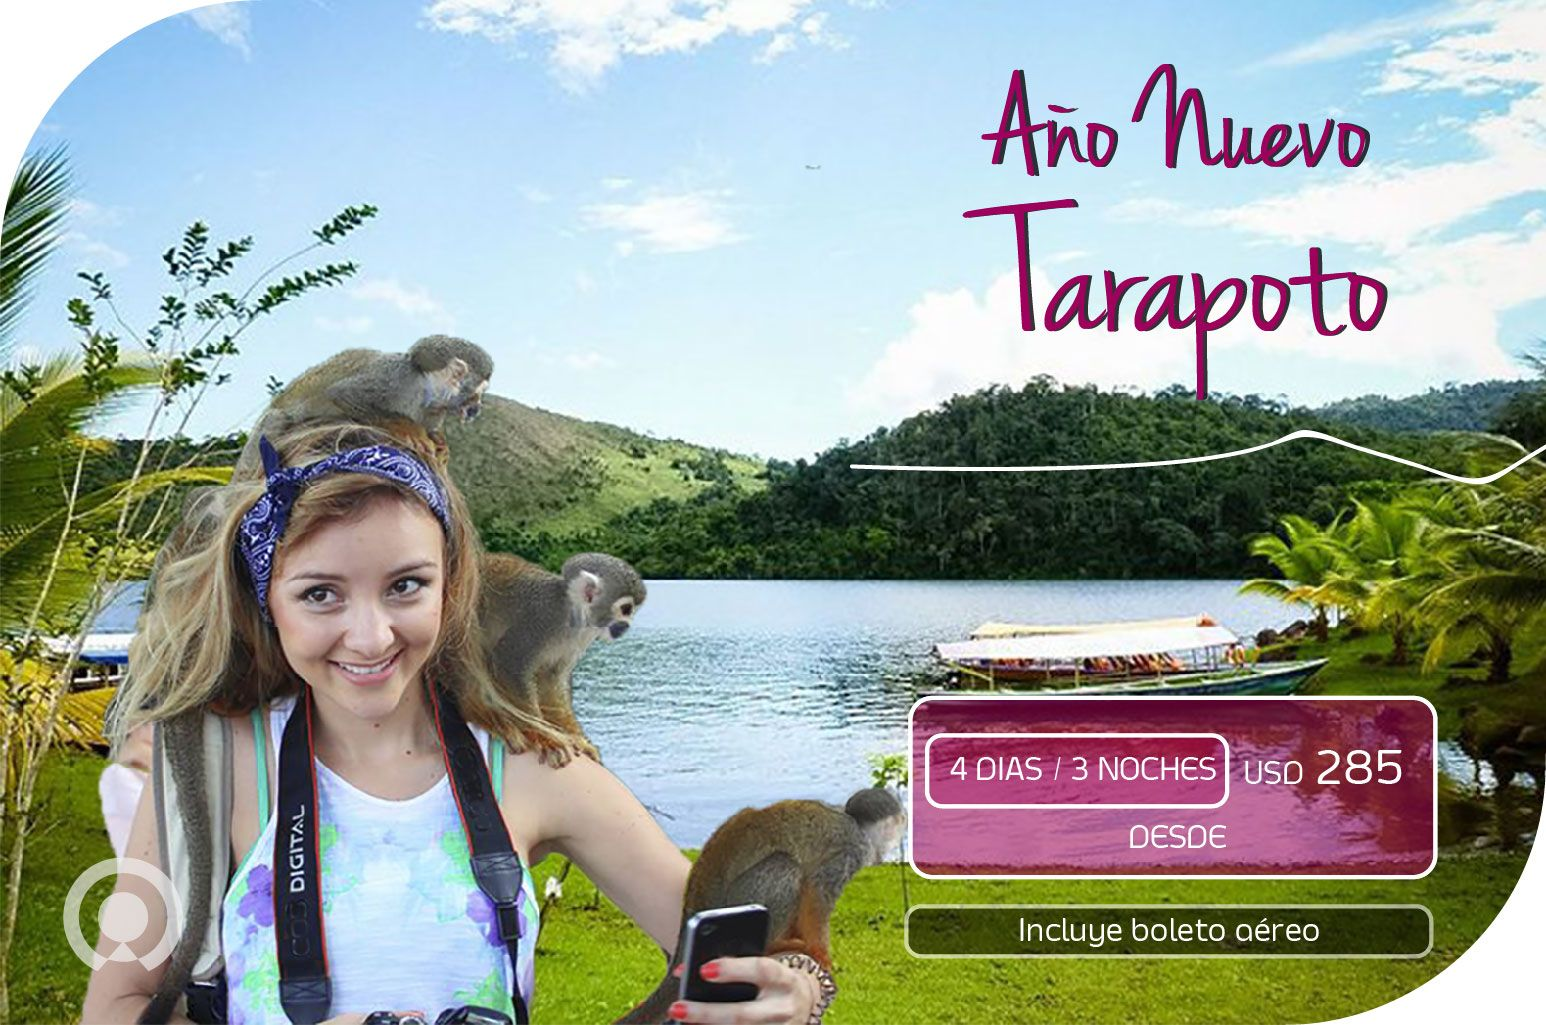 Vive una experiencia incomparable en #Tarapoto, recibe el nuevo año con la mejor energía de la selva. Tu viaje empieza aquí: https://goo.gl/BBWy9B  Incluye: Boleto aéreo Lima Tarapoto Lima + Traslado Aeropuerto/Hotel/Aeropuerto + 03 noches de alojamiento con desayuno + Visita a la Catarata de Ahuashiyacu + Entradas y guías especializados.